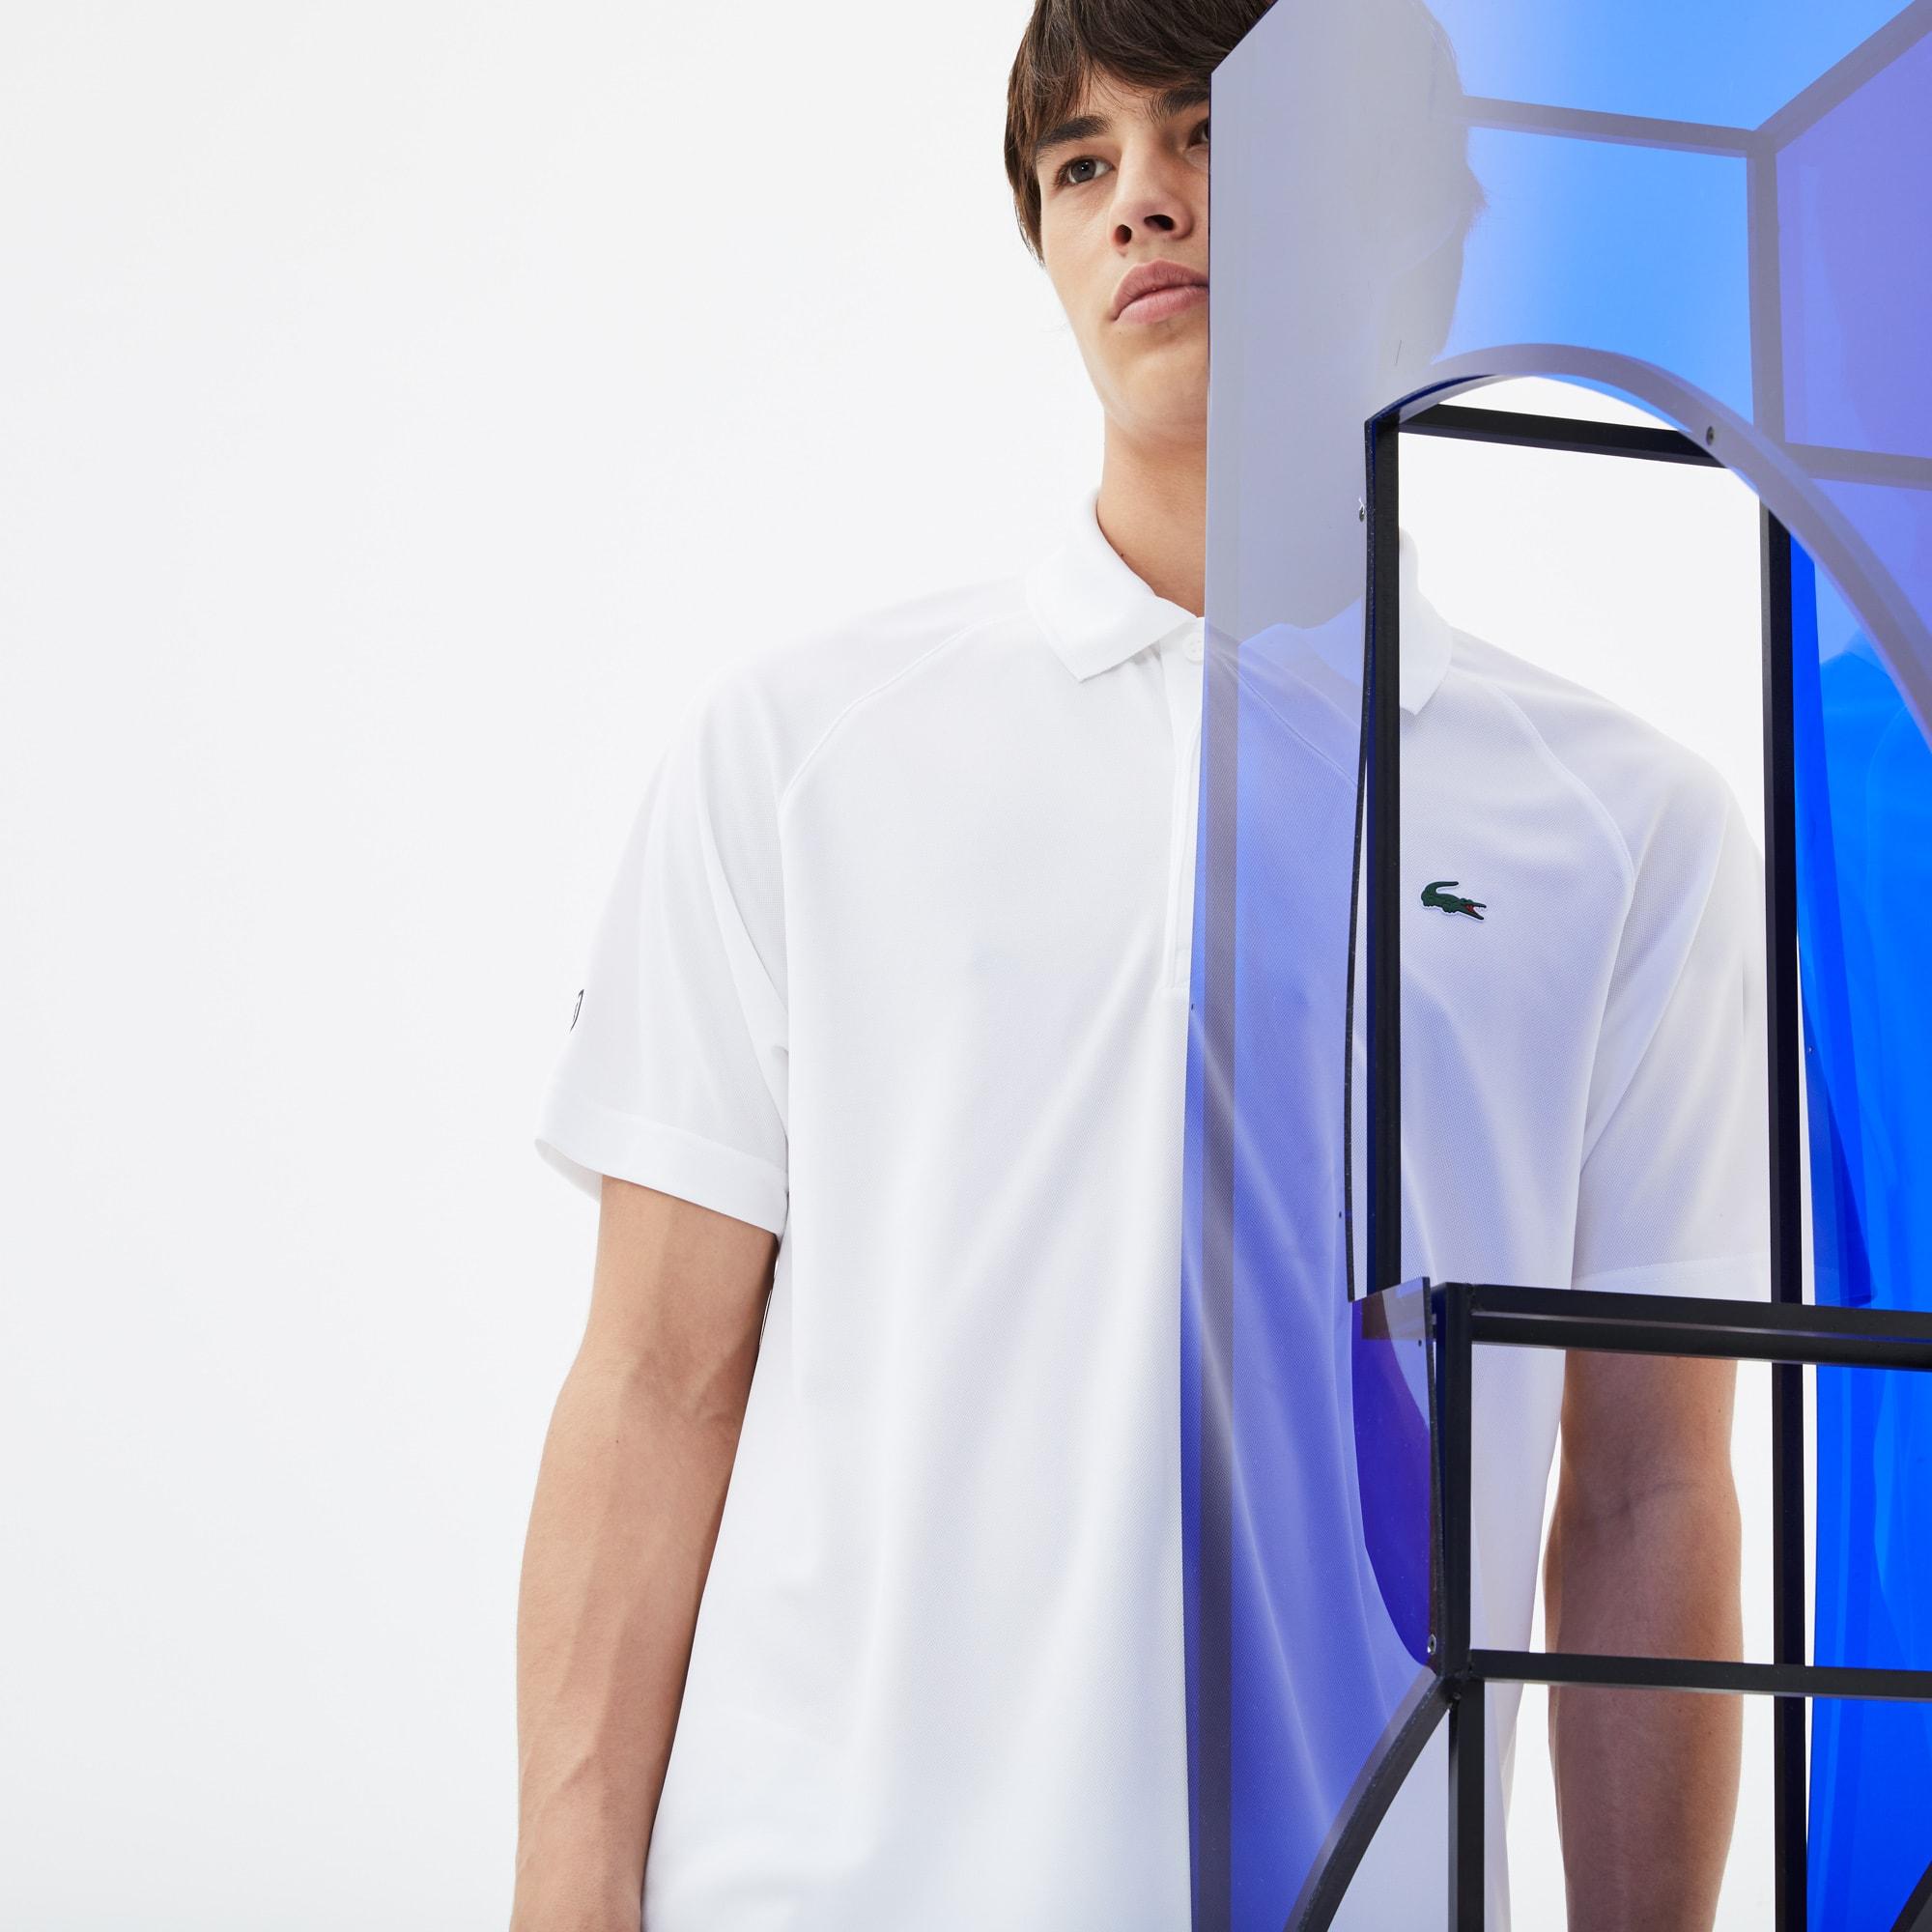 Polo Lacoste Colección Para Novak Djokovic - Exclusive Green Edition